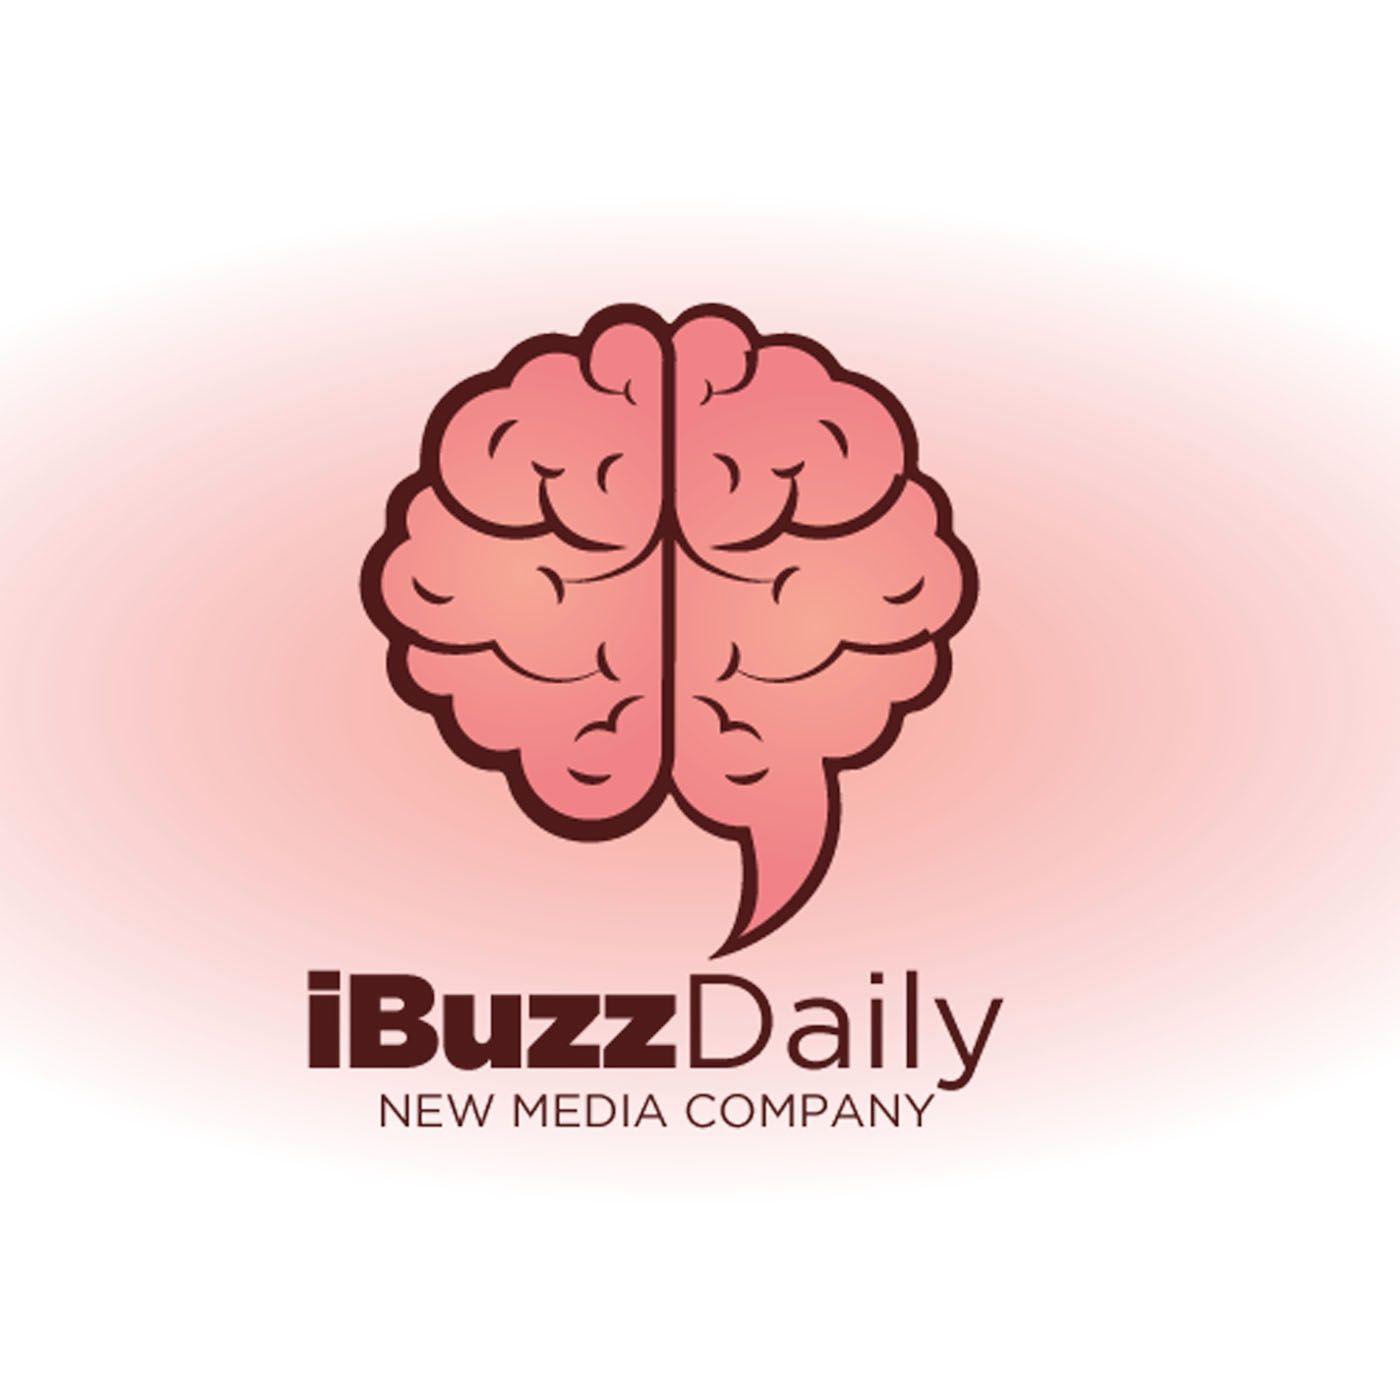 iBuzzDaily